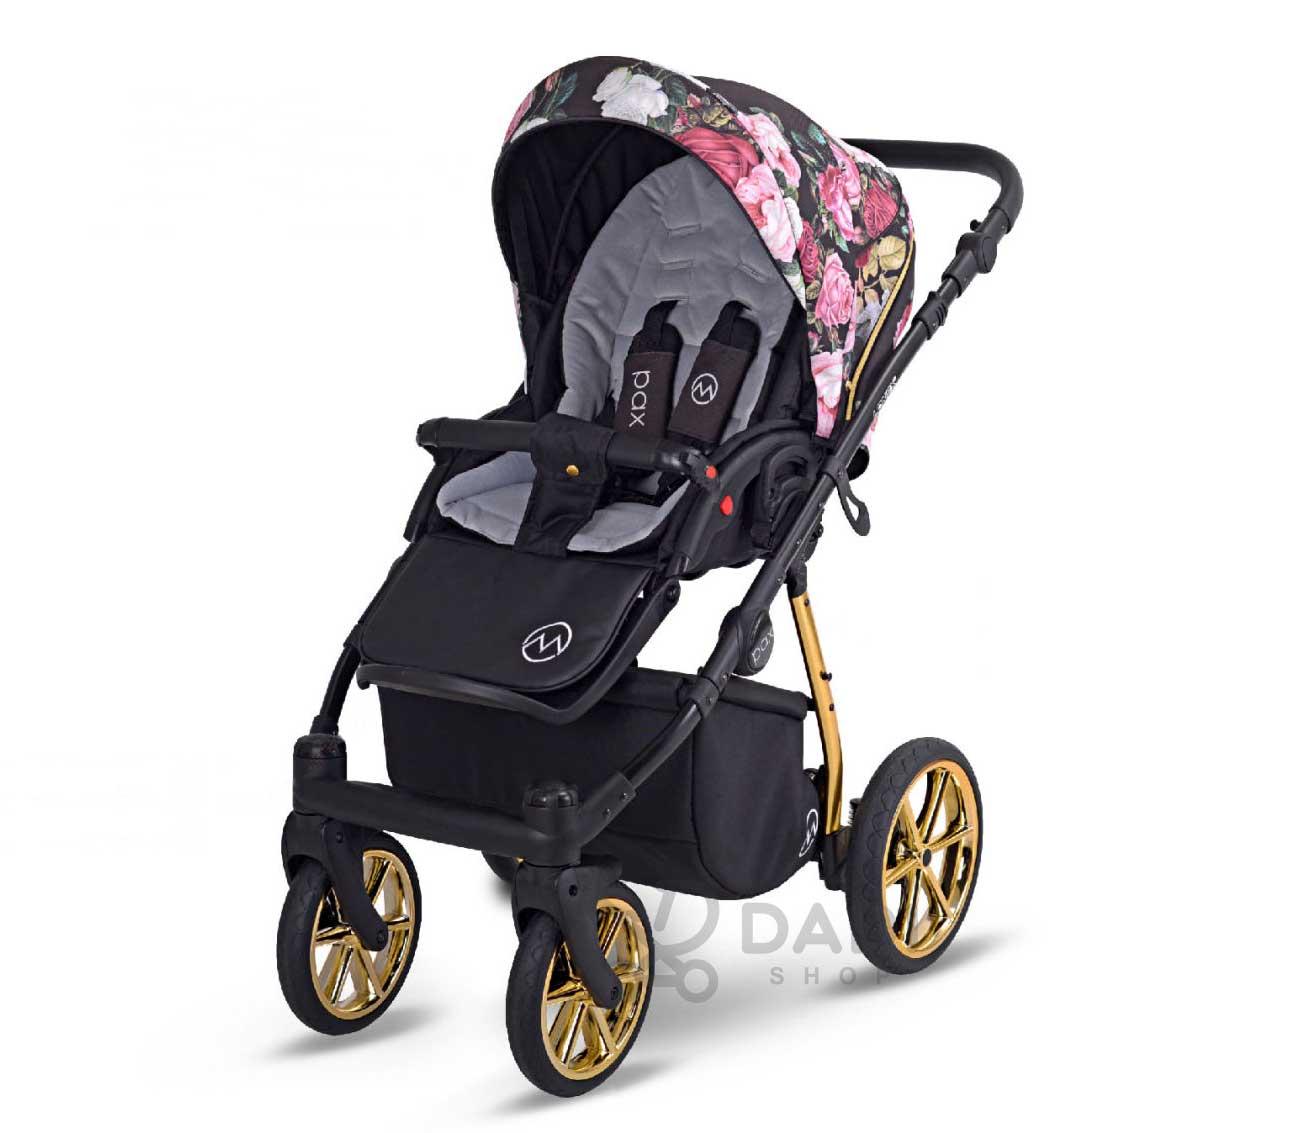 lekka spacerówka wózek Pax Rose Lonex wielofunkcyjny dziecięcy w wkiaty nowość